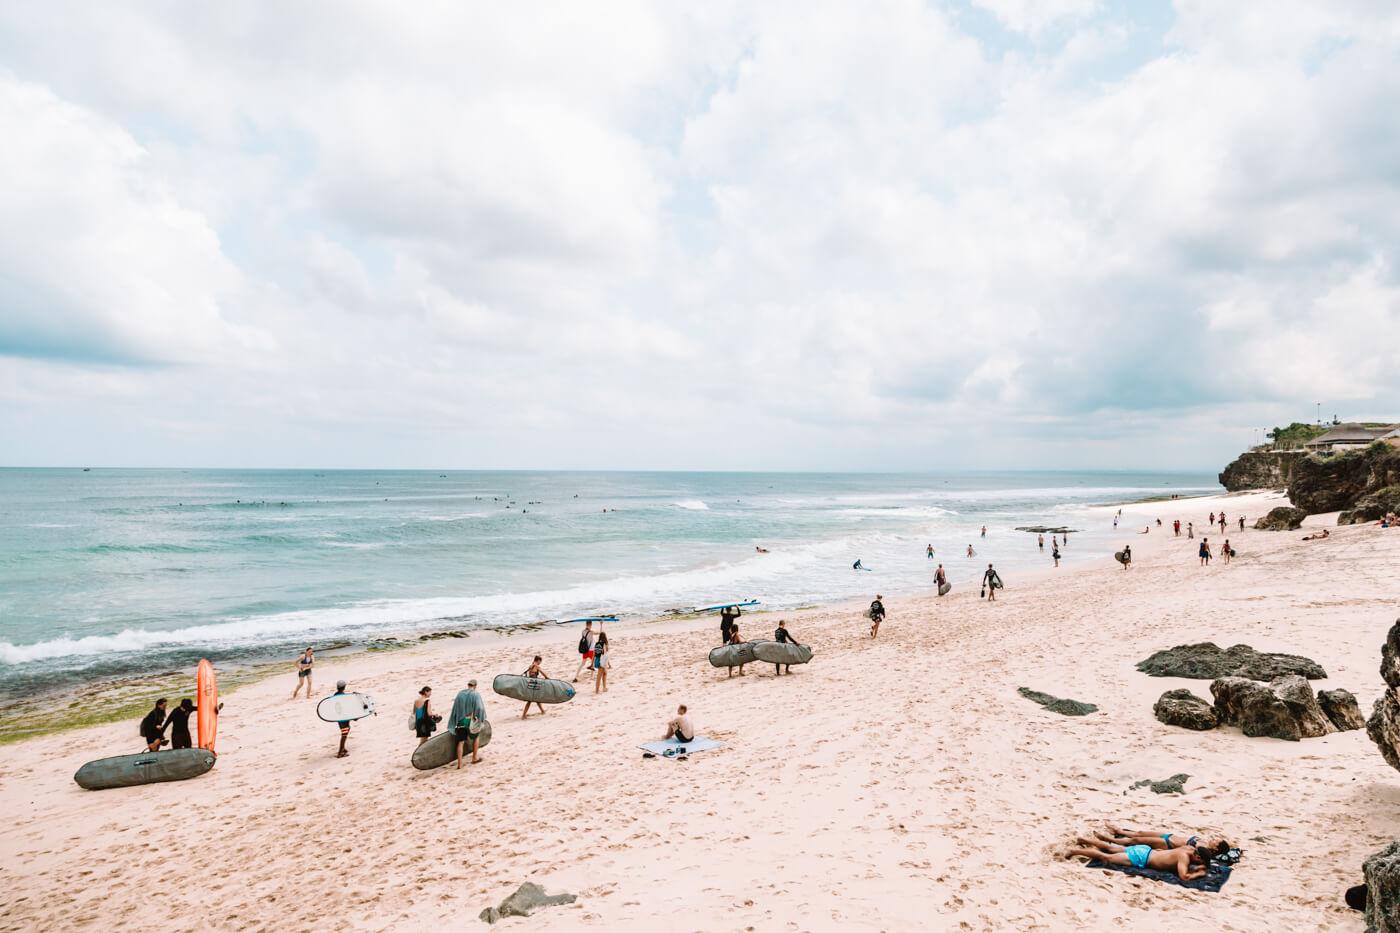 Ilha de Bali Indonesia - surfistas